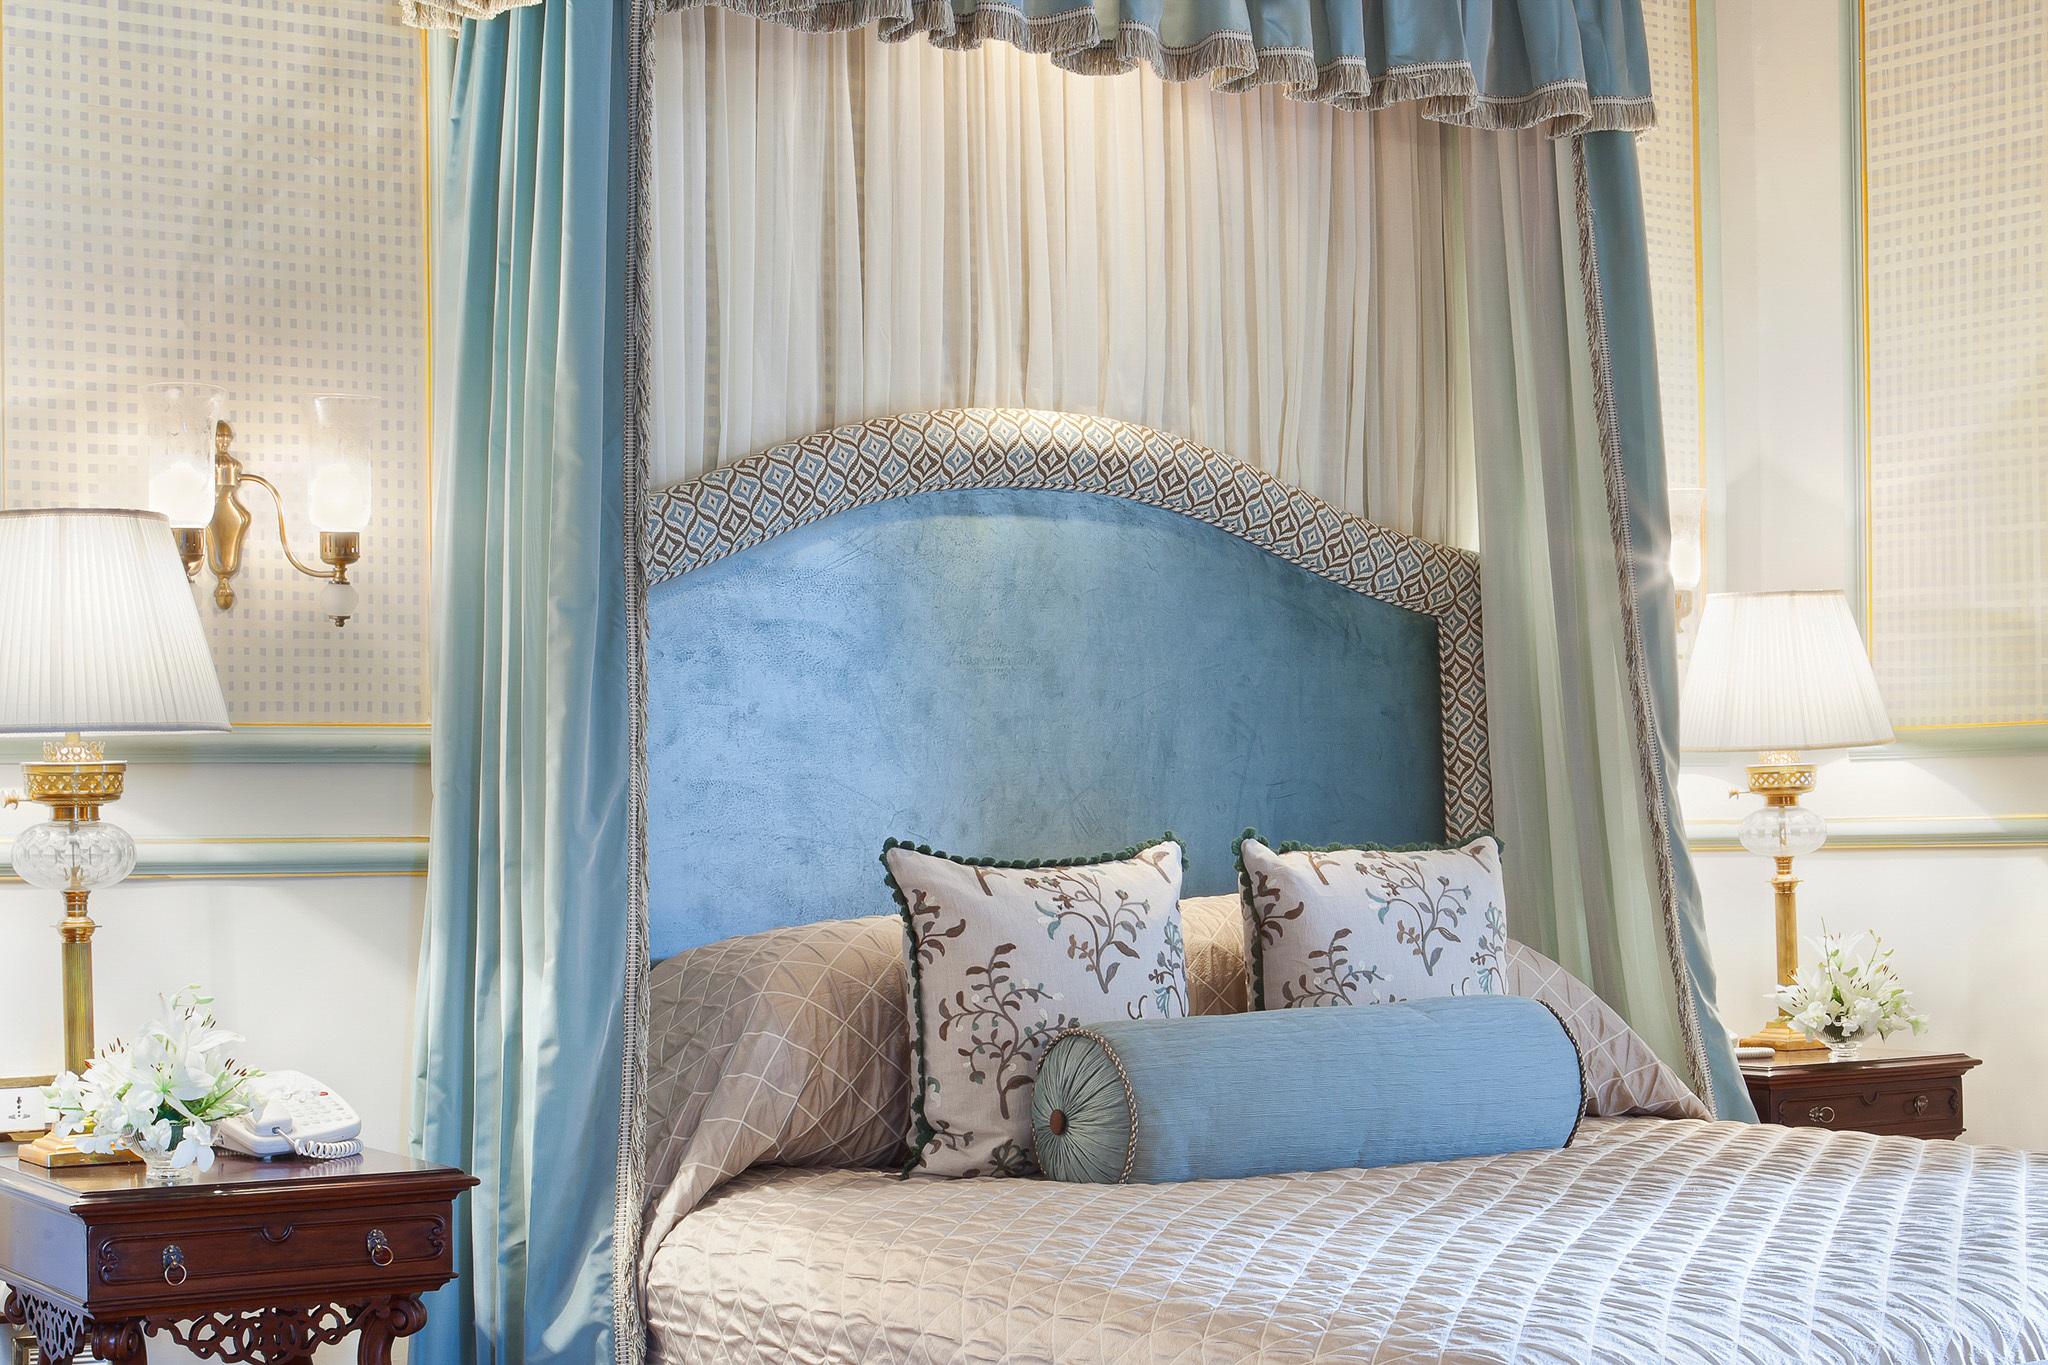 Photo 13 / 19 : Luxury Hotel Taj Falaknuma Palace Luxury